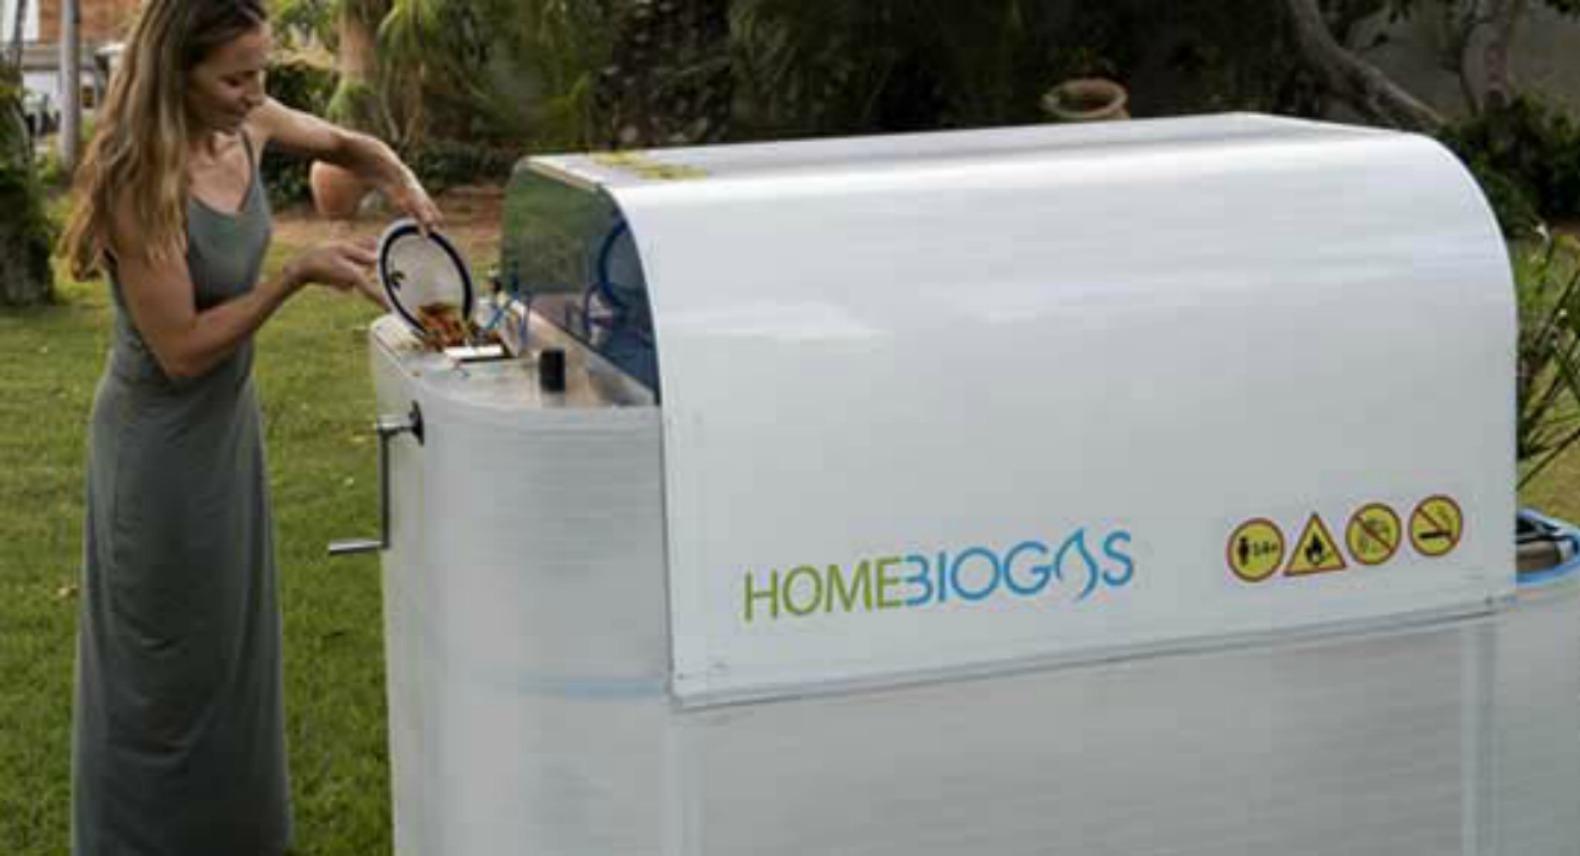 HomeBiogas